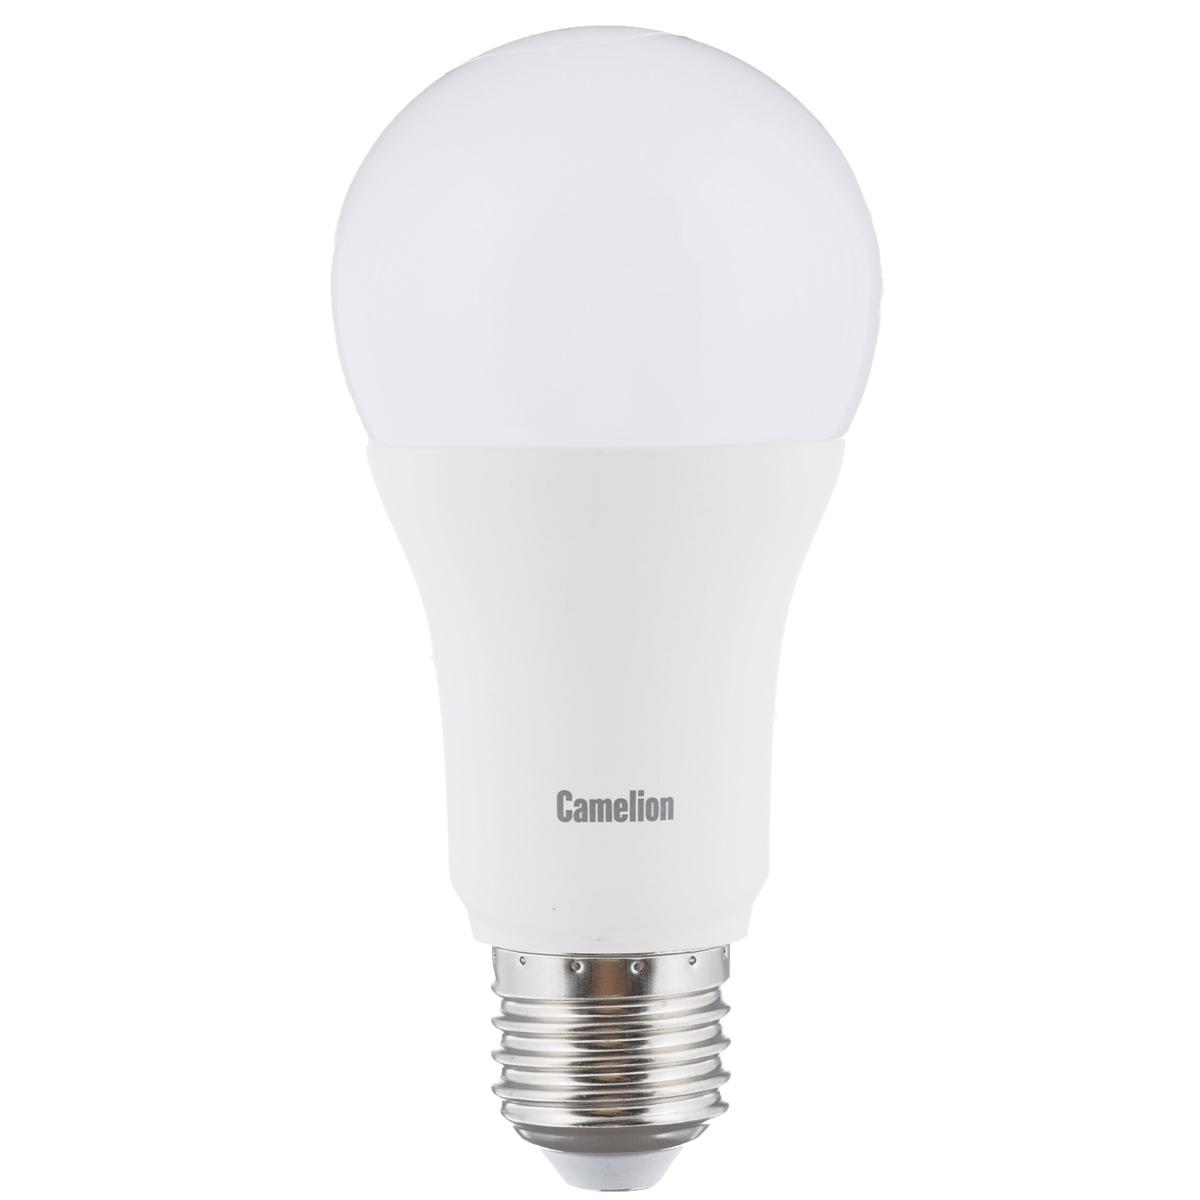 Светодиодная лампа Camelion Led Ultra, теплый свет, цоколь E27, 12 WC0027371Светодиодная рефлекторная лампа Camelion Led Ultra применяется для замены энергосберегающей лампы или лампы накаливания в точечных и направленных источниках света. При этом она сэкономит ваши деньги за счет минимального потребления электроэнергии и долгого срока службы. Так же эта лампа обладает высоким индексом цветопередачи и не мерцает, что делает ее свет комфортным для глаз. Нагрев LED лампы минимален, что позволяет использовать ее в натяжных потолках и других конструкциях, требовательных к температурному режиму. При производстве светодиодных ламп не используются вредные вещества, в том числе ртуть, поэтому не требует утилизации. Рабочий диапазон напряжений - 220-240В / 50Гц. Индекс цветопередачи: 77+.Угол светового луча: 240°.Коэффициент пульсации освещенности (Кп): менее 1%.